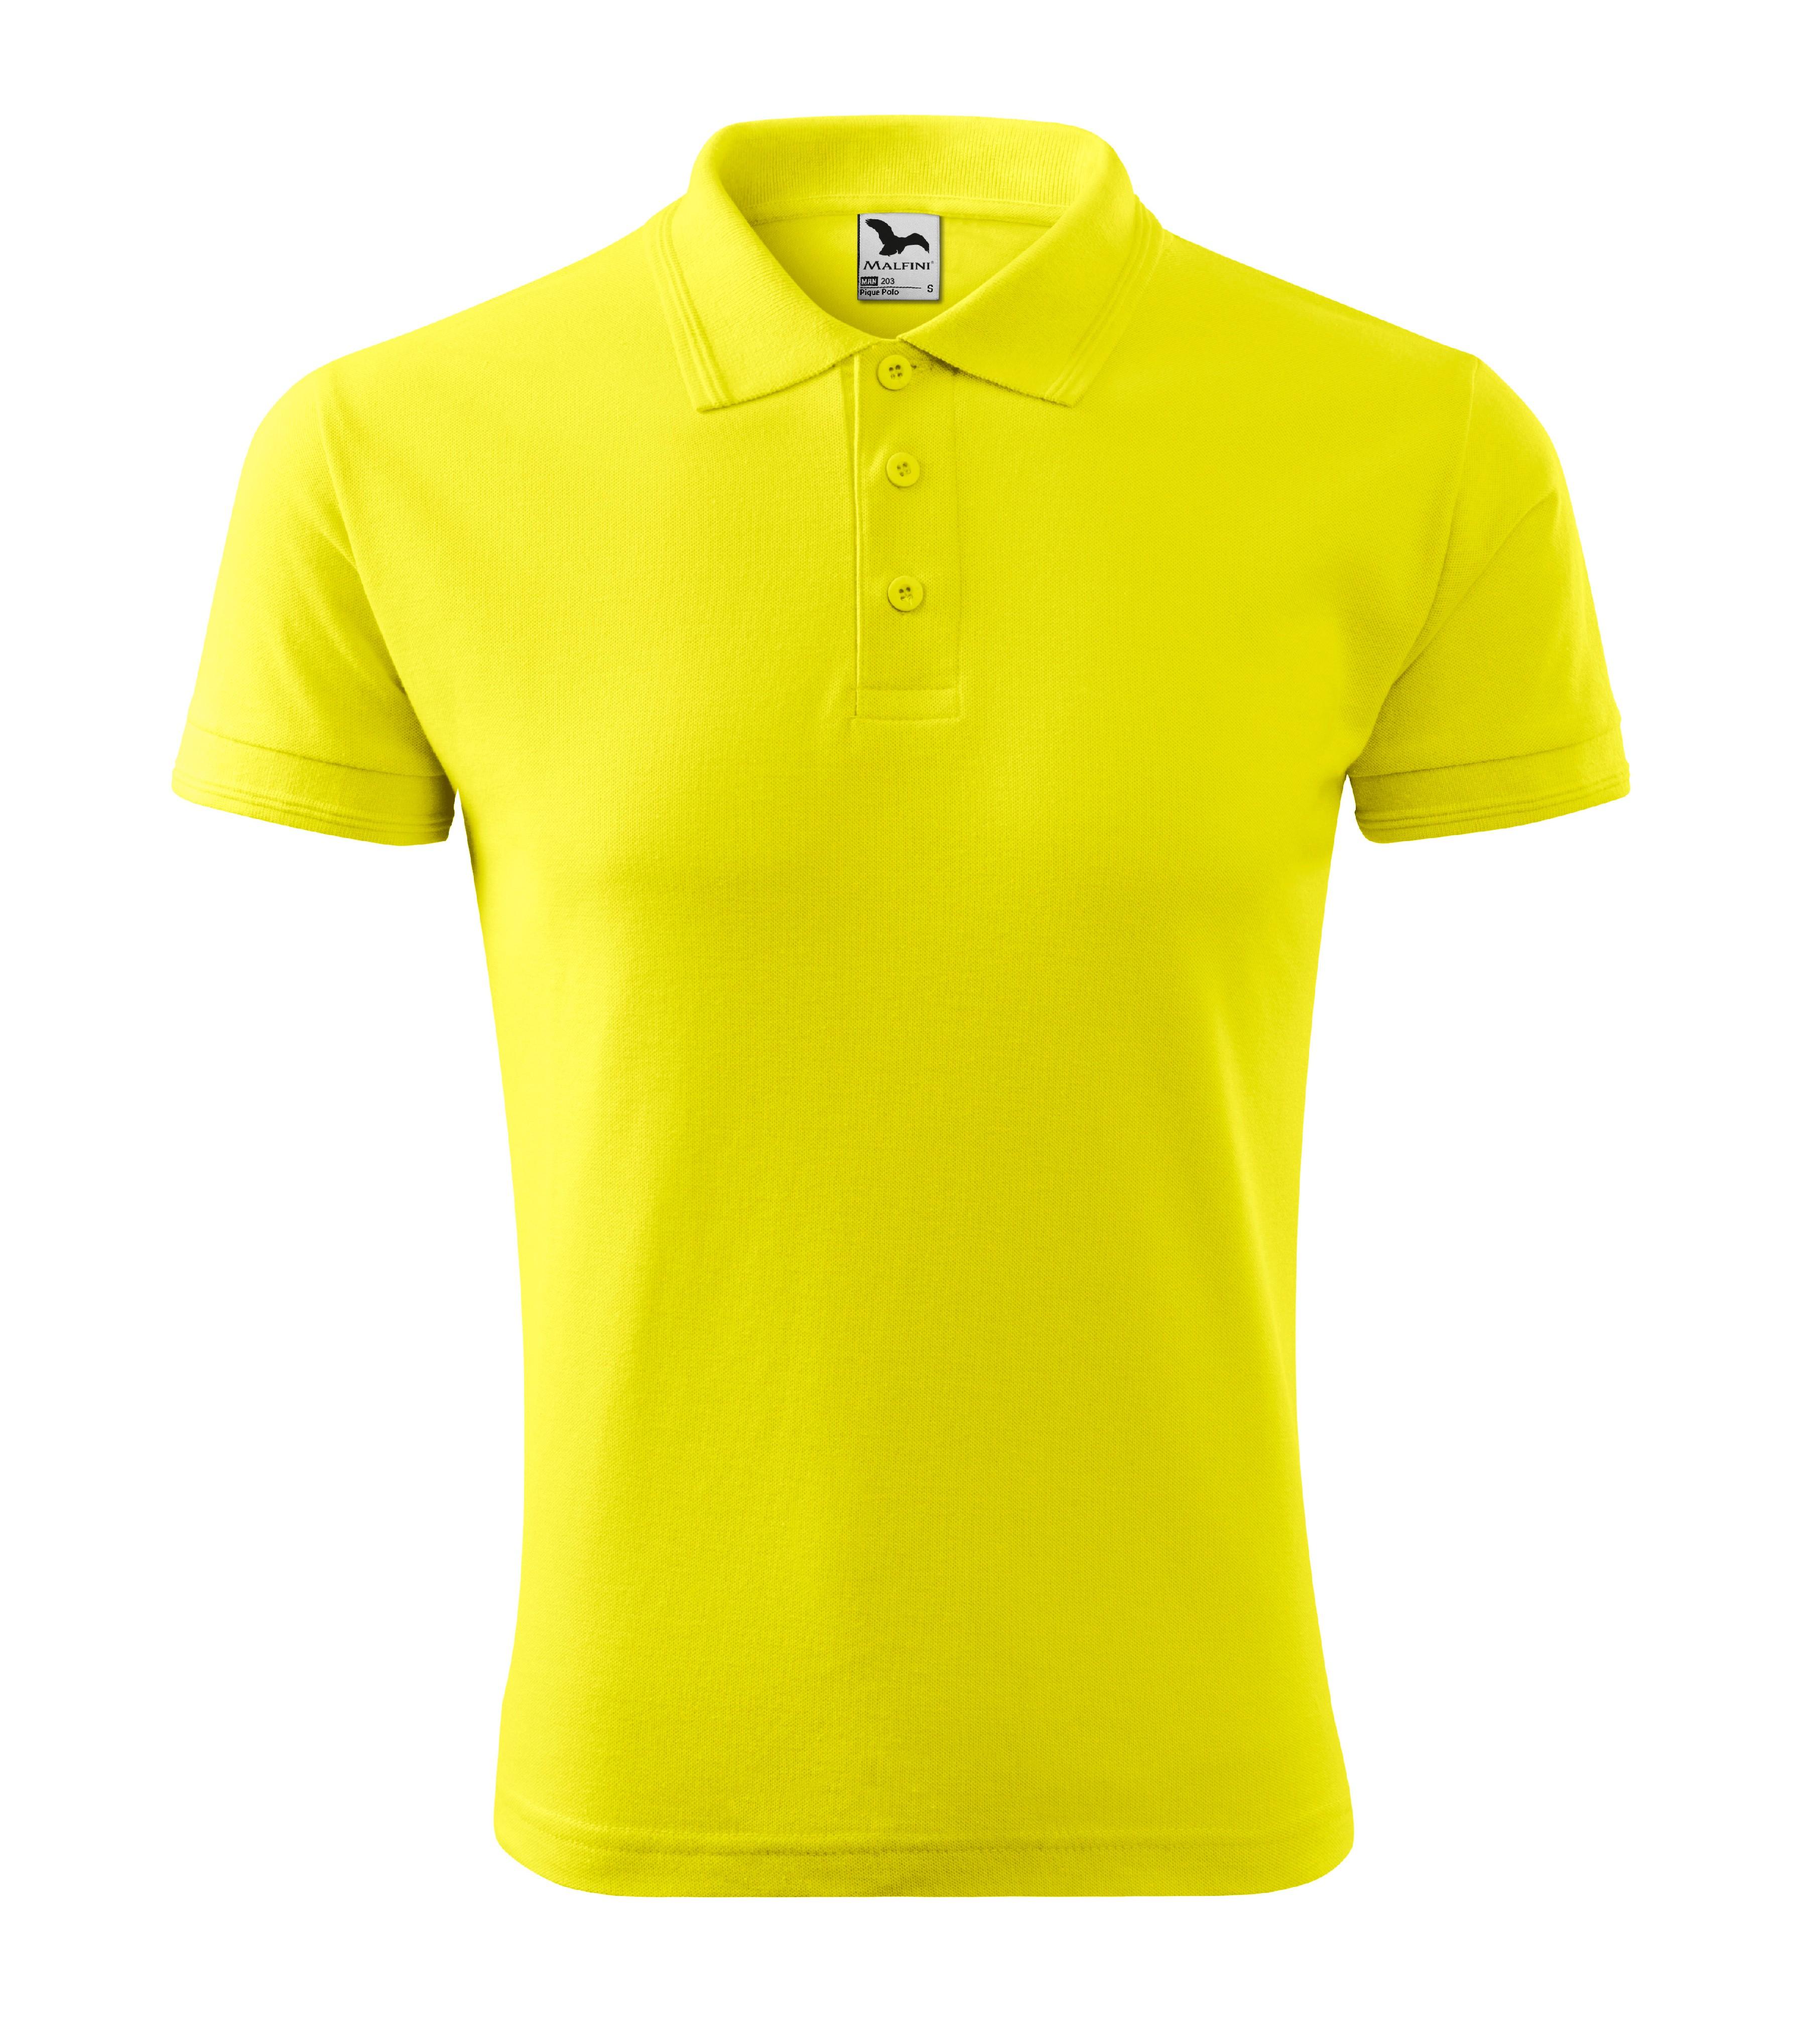 Polokošile pánská Pique Polo Barva: citronová, Velikost: L